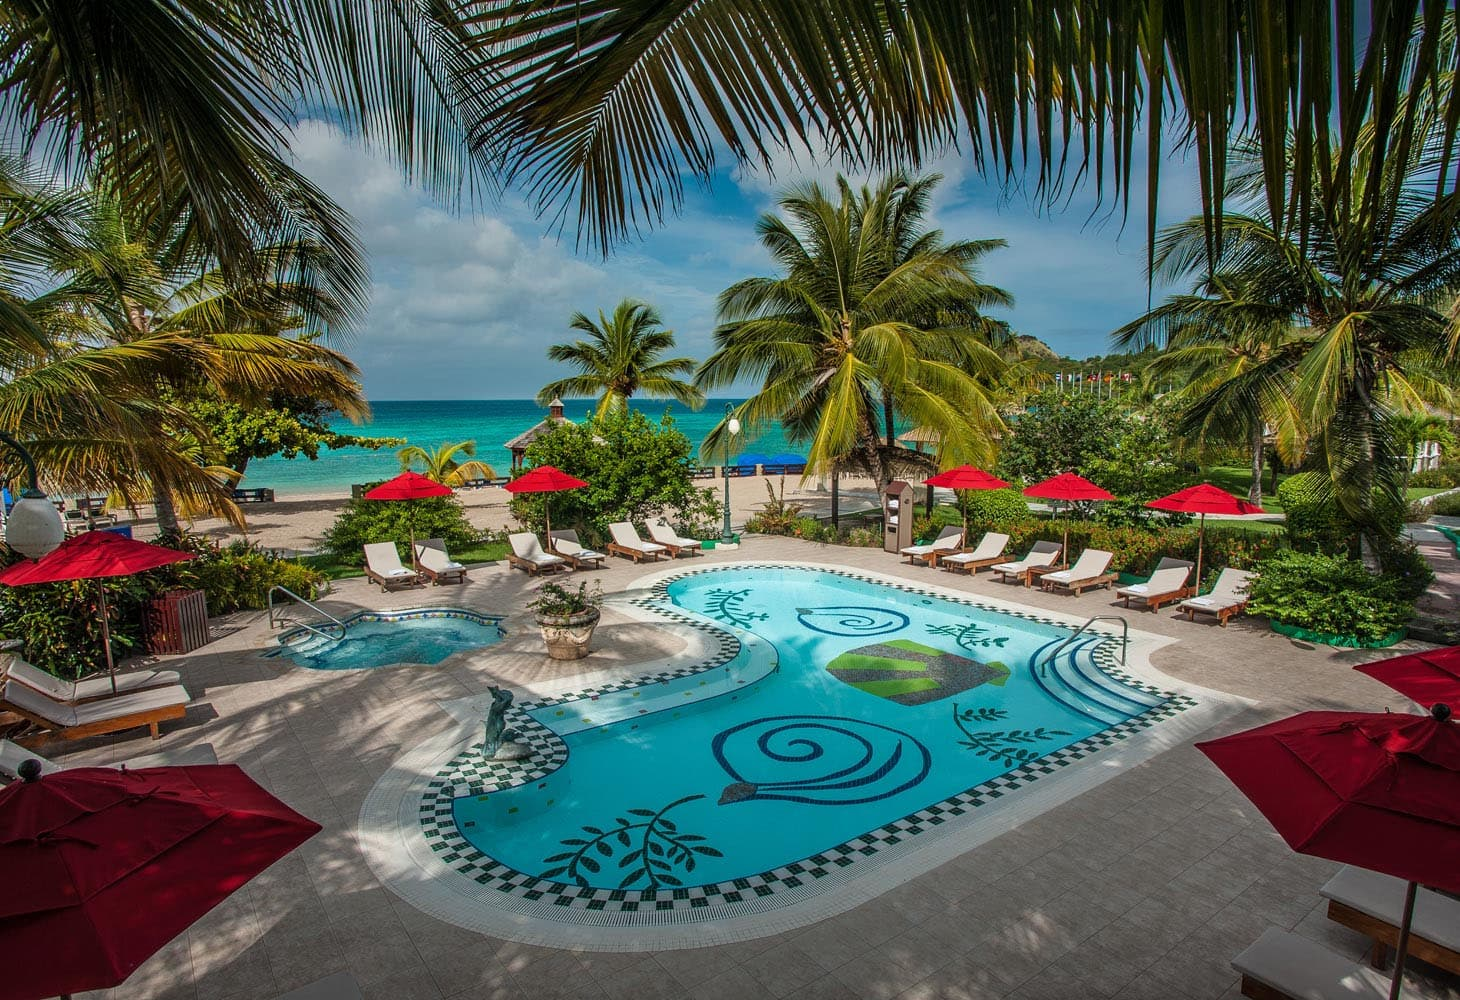 Sandals Grande St. Lucian